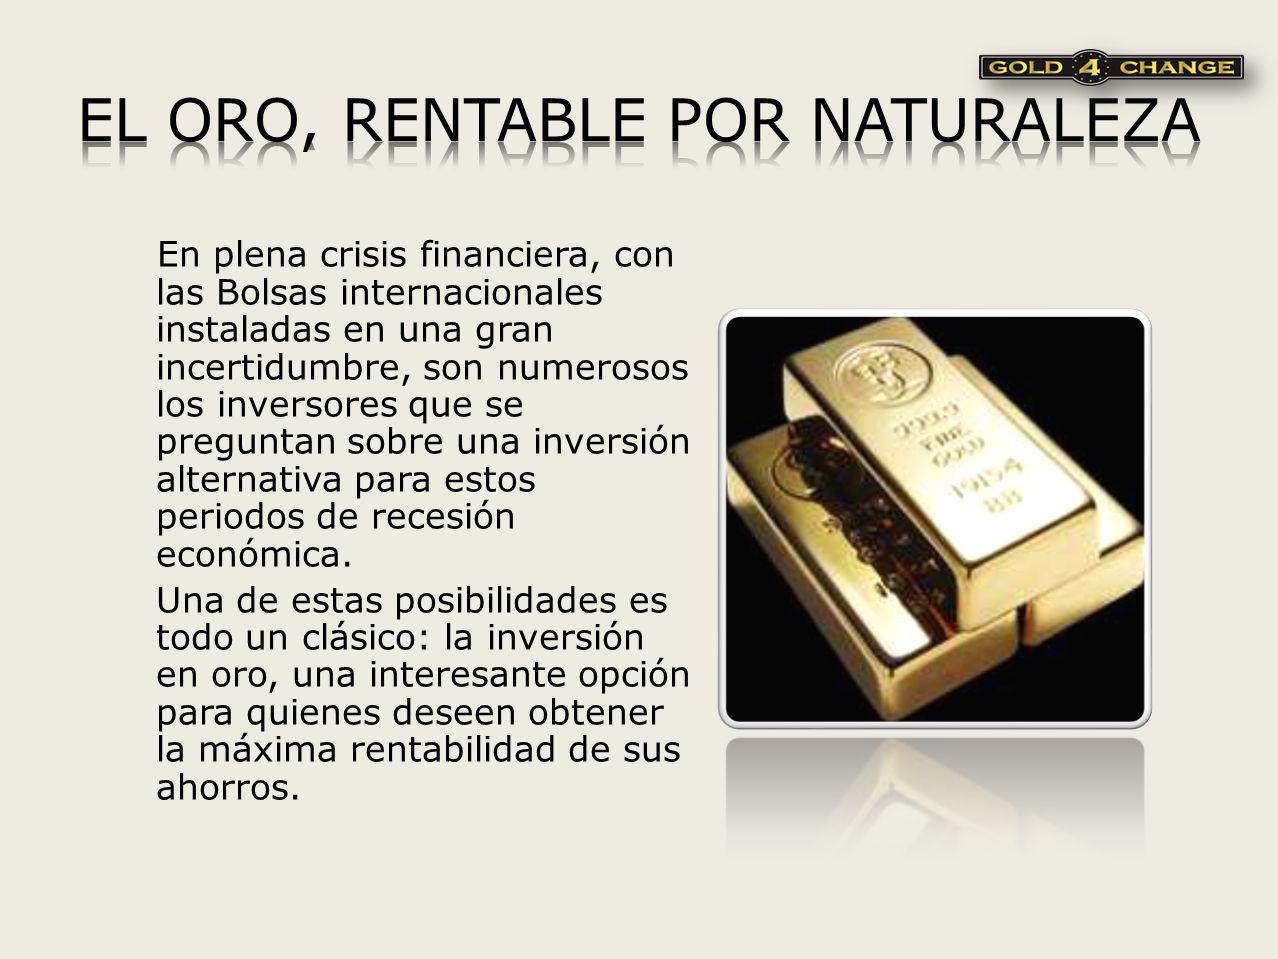 Dentro de las posibles opciones de inversión más buscadas, está sin lugar a dudas, la inversión en oro.